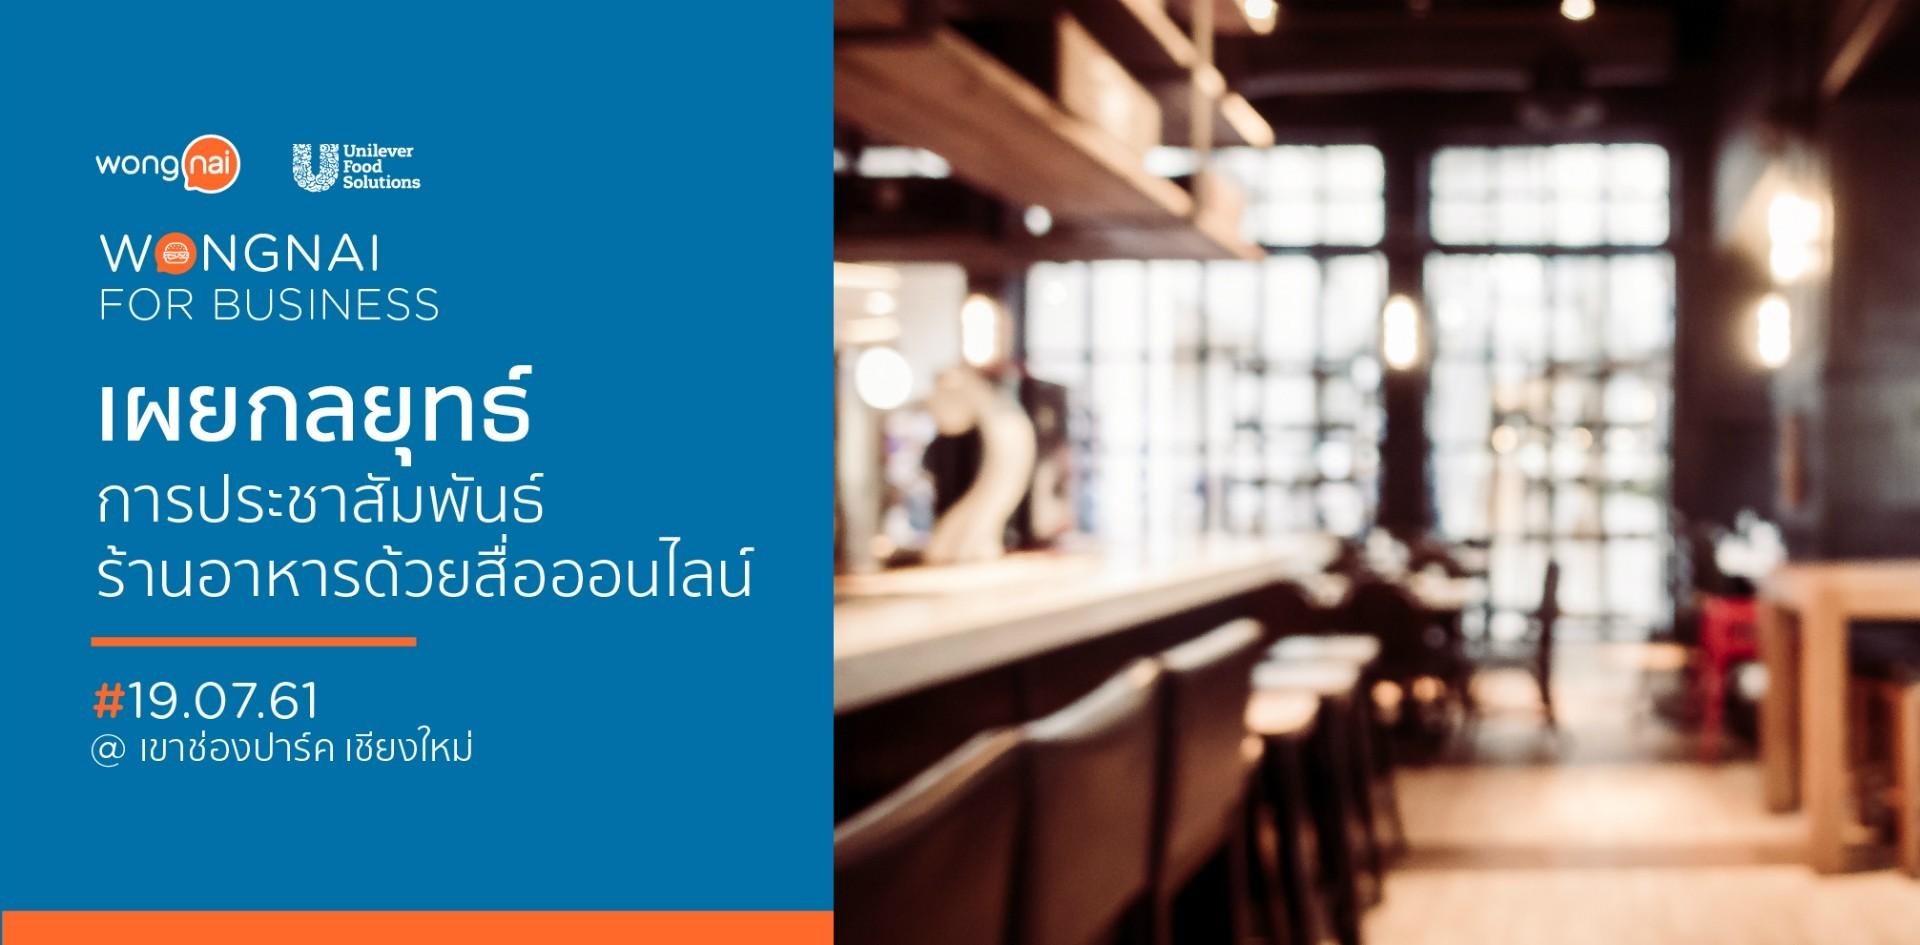 """วงในสัมมนาร้านอาหาร """"ปรับธุรกิจร้านอาหารให้ก้าวทันโลกยุคดิจิตอล #27"""